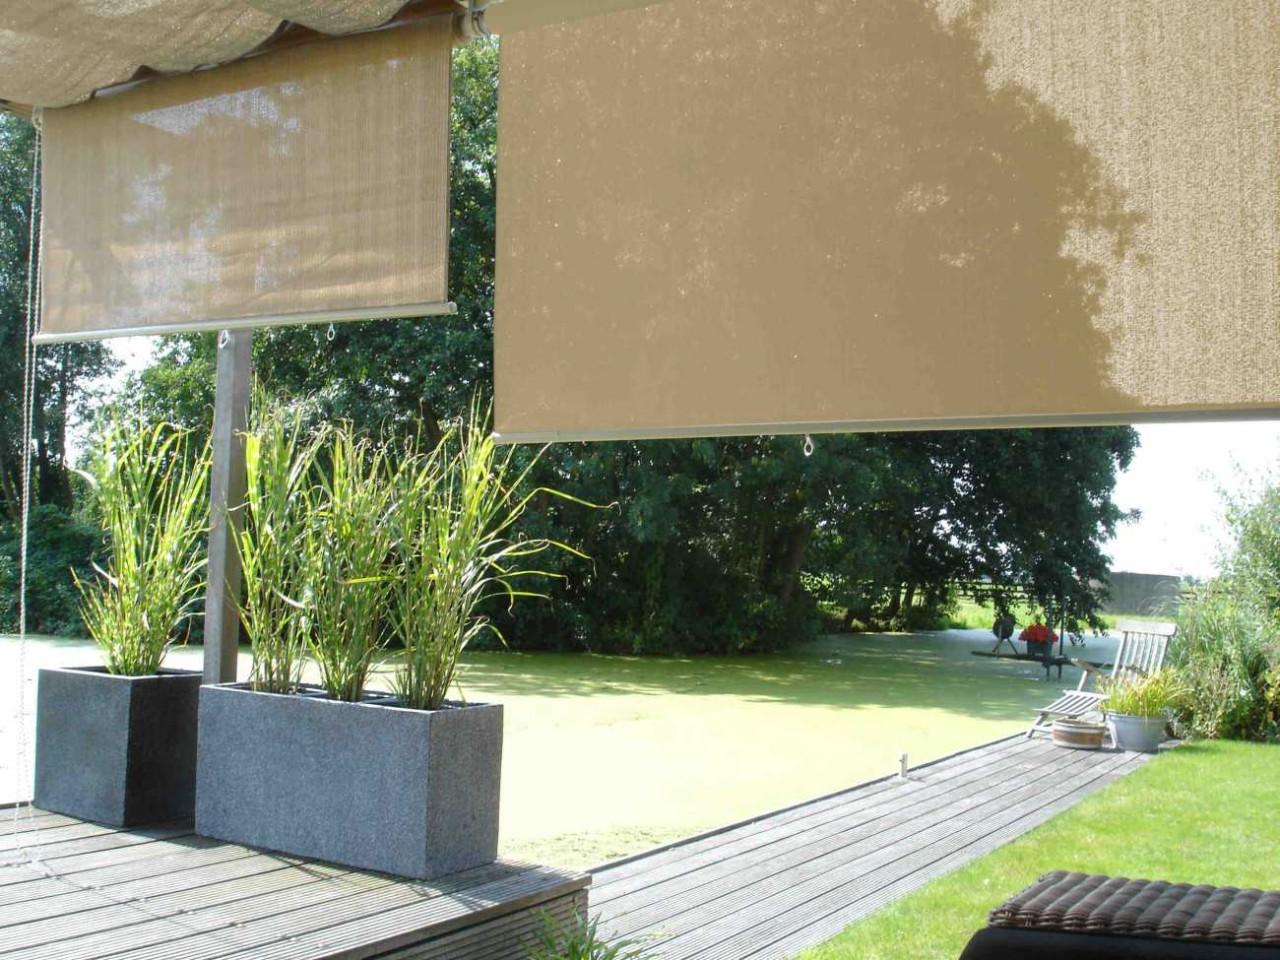 Nesling Rollo 248 cm Außenrollo, Sonnenschutz, Sichtschutz, Balkonrollo